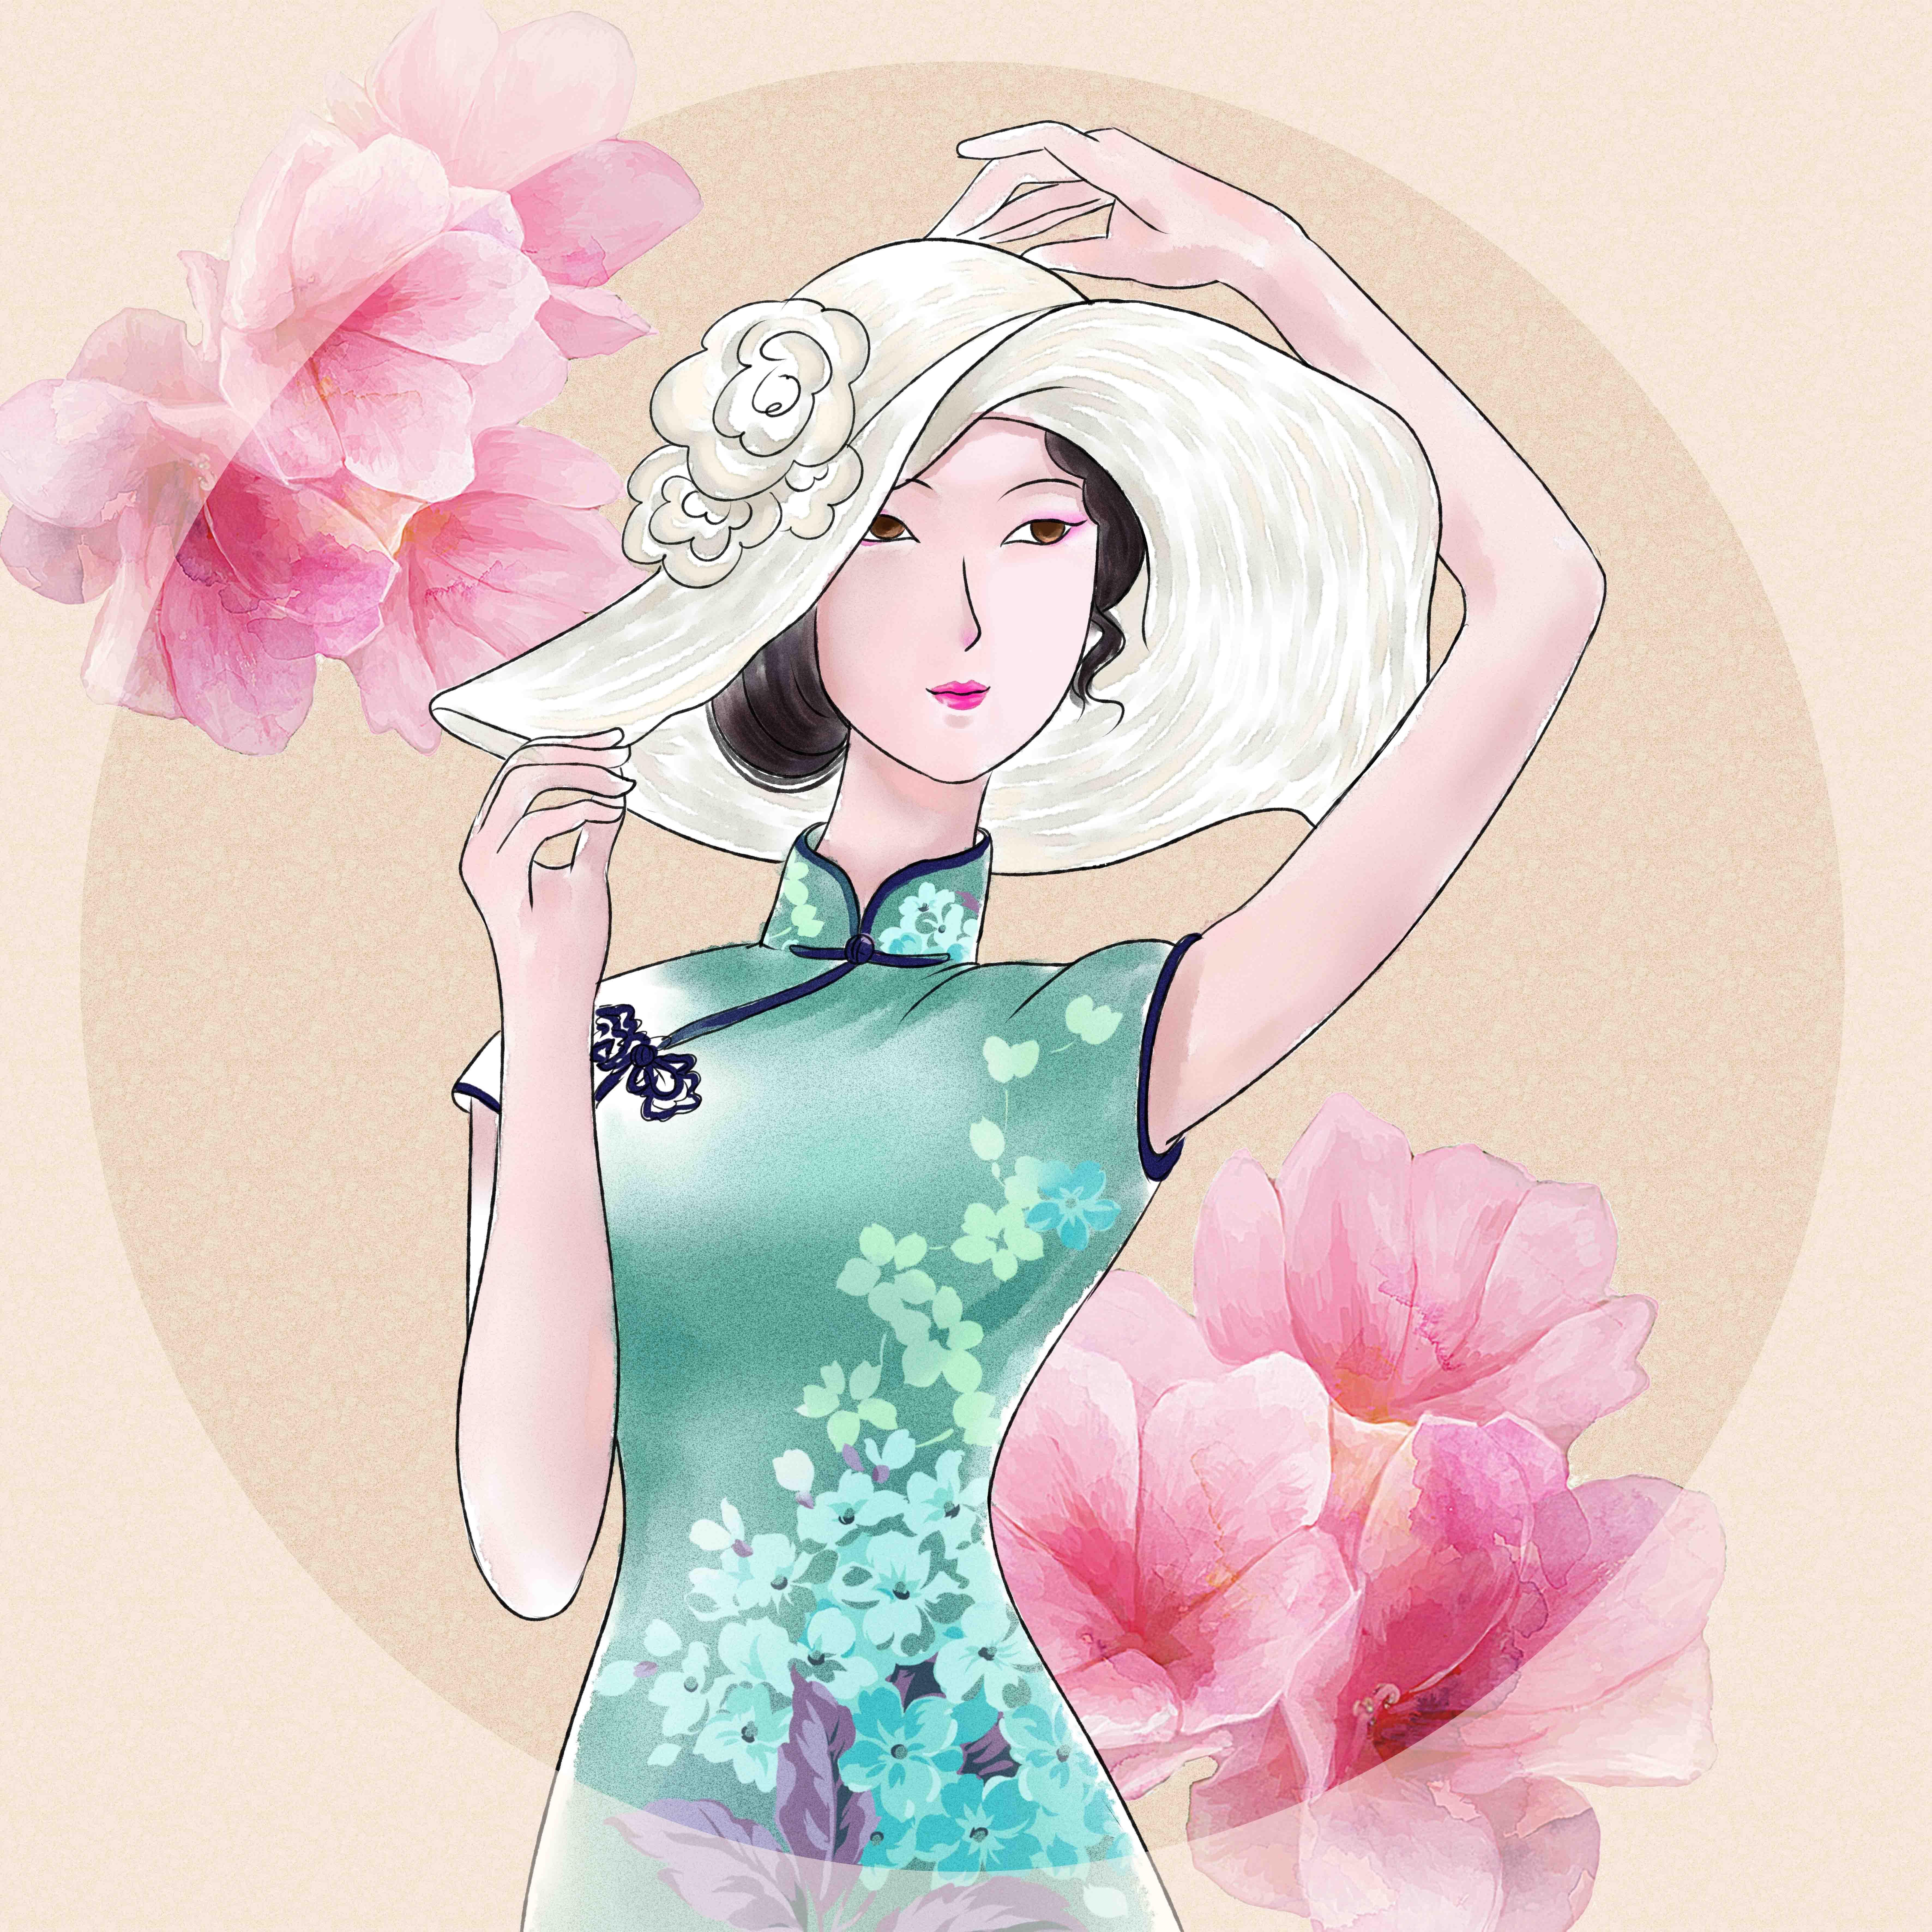 民国风美女插画手绘 图片合集